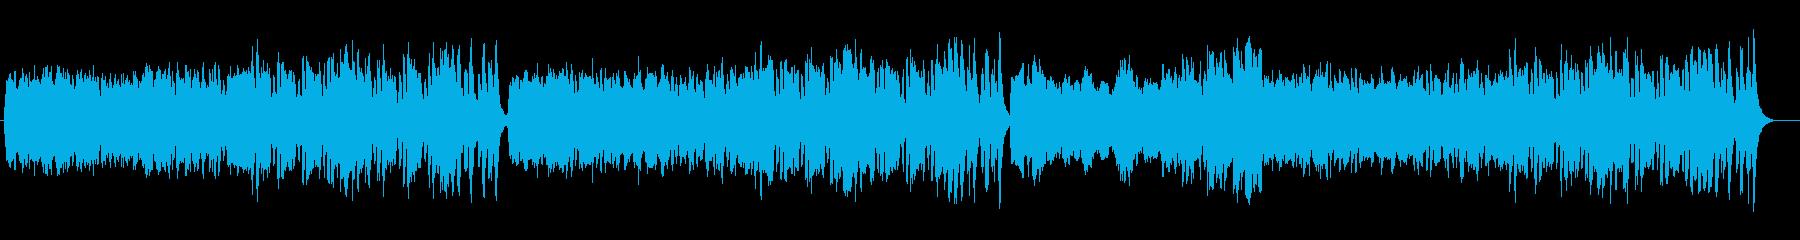 ワルツ 華麗で優雅な舞踏会 交響曲の再生済みの波形